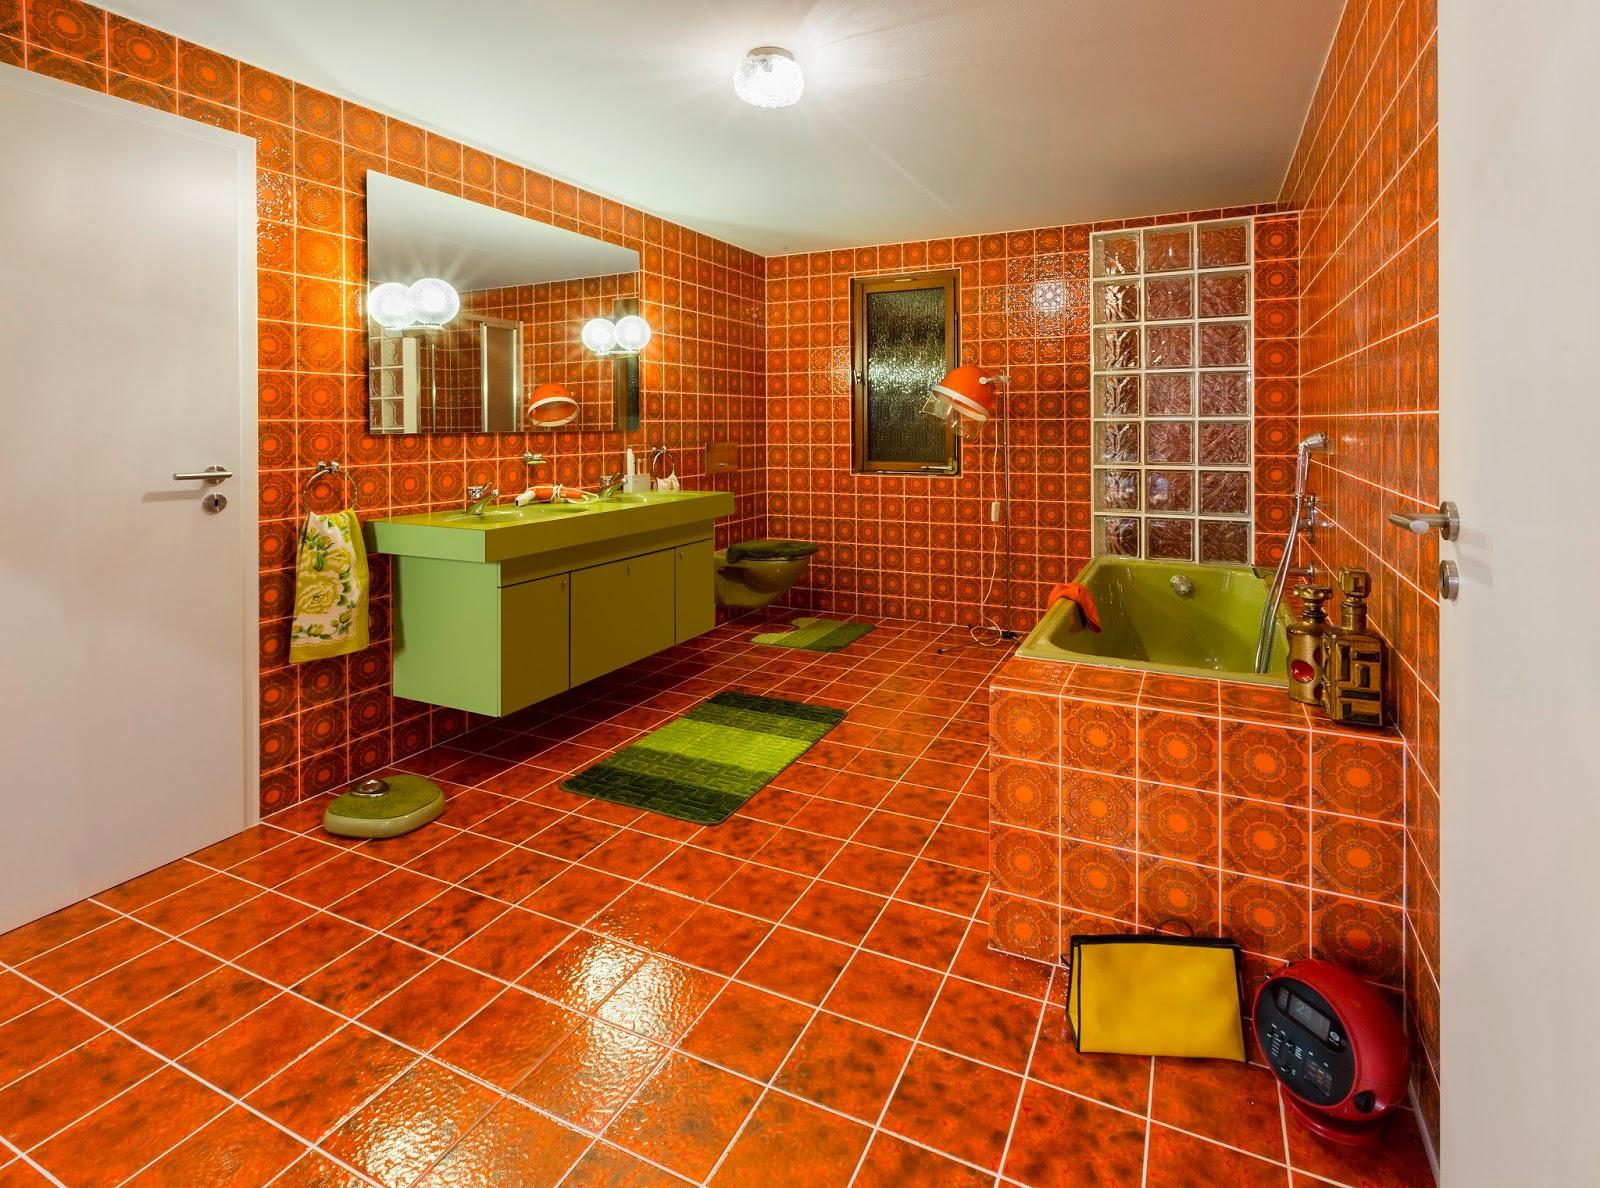 ausstellungstipp das bad der 70er jahre. Black Bedroom Furniture Sets. Home Design Ideas